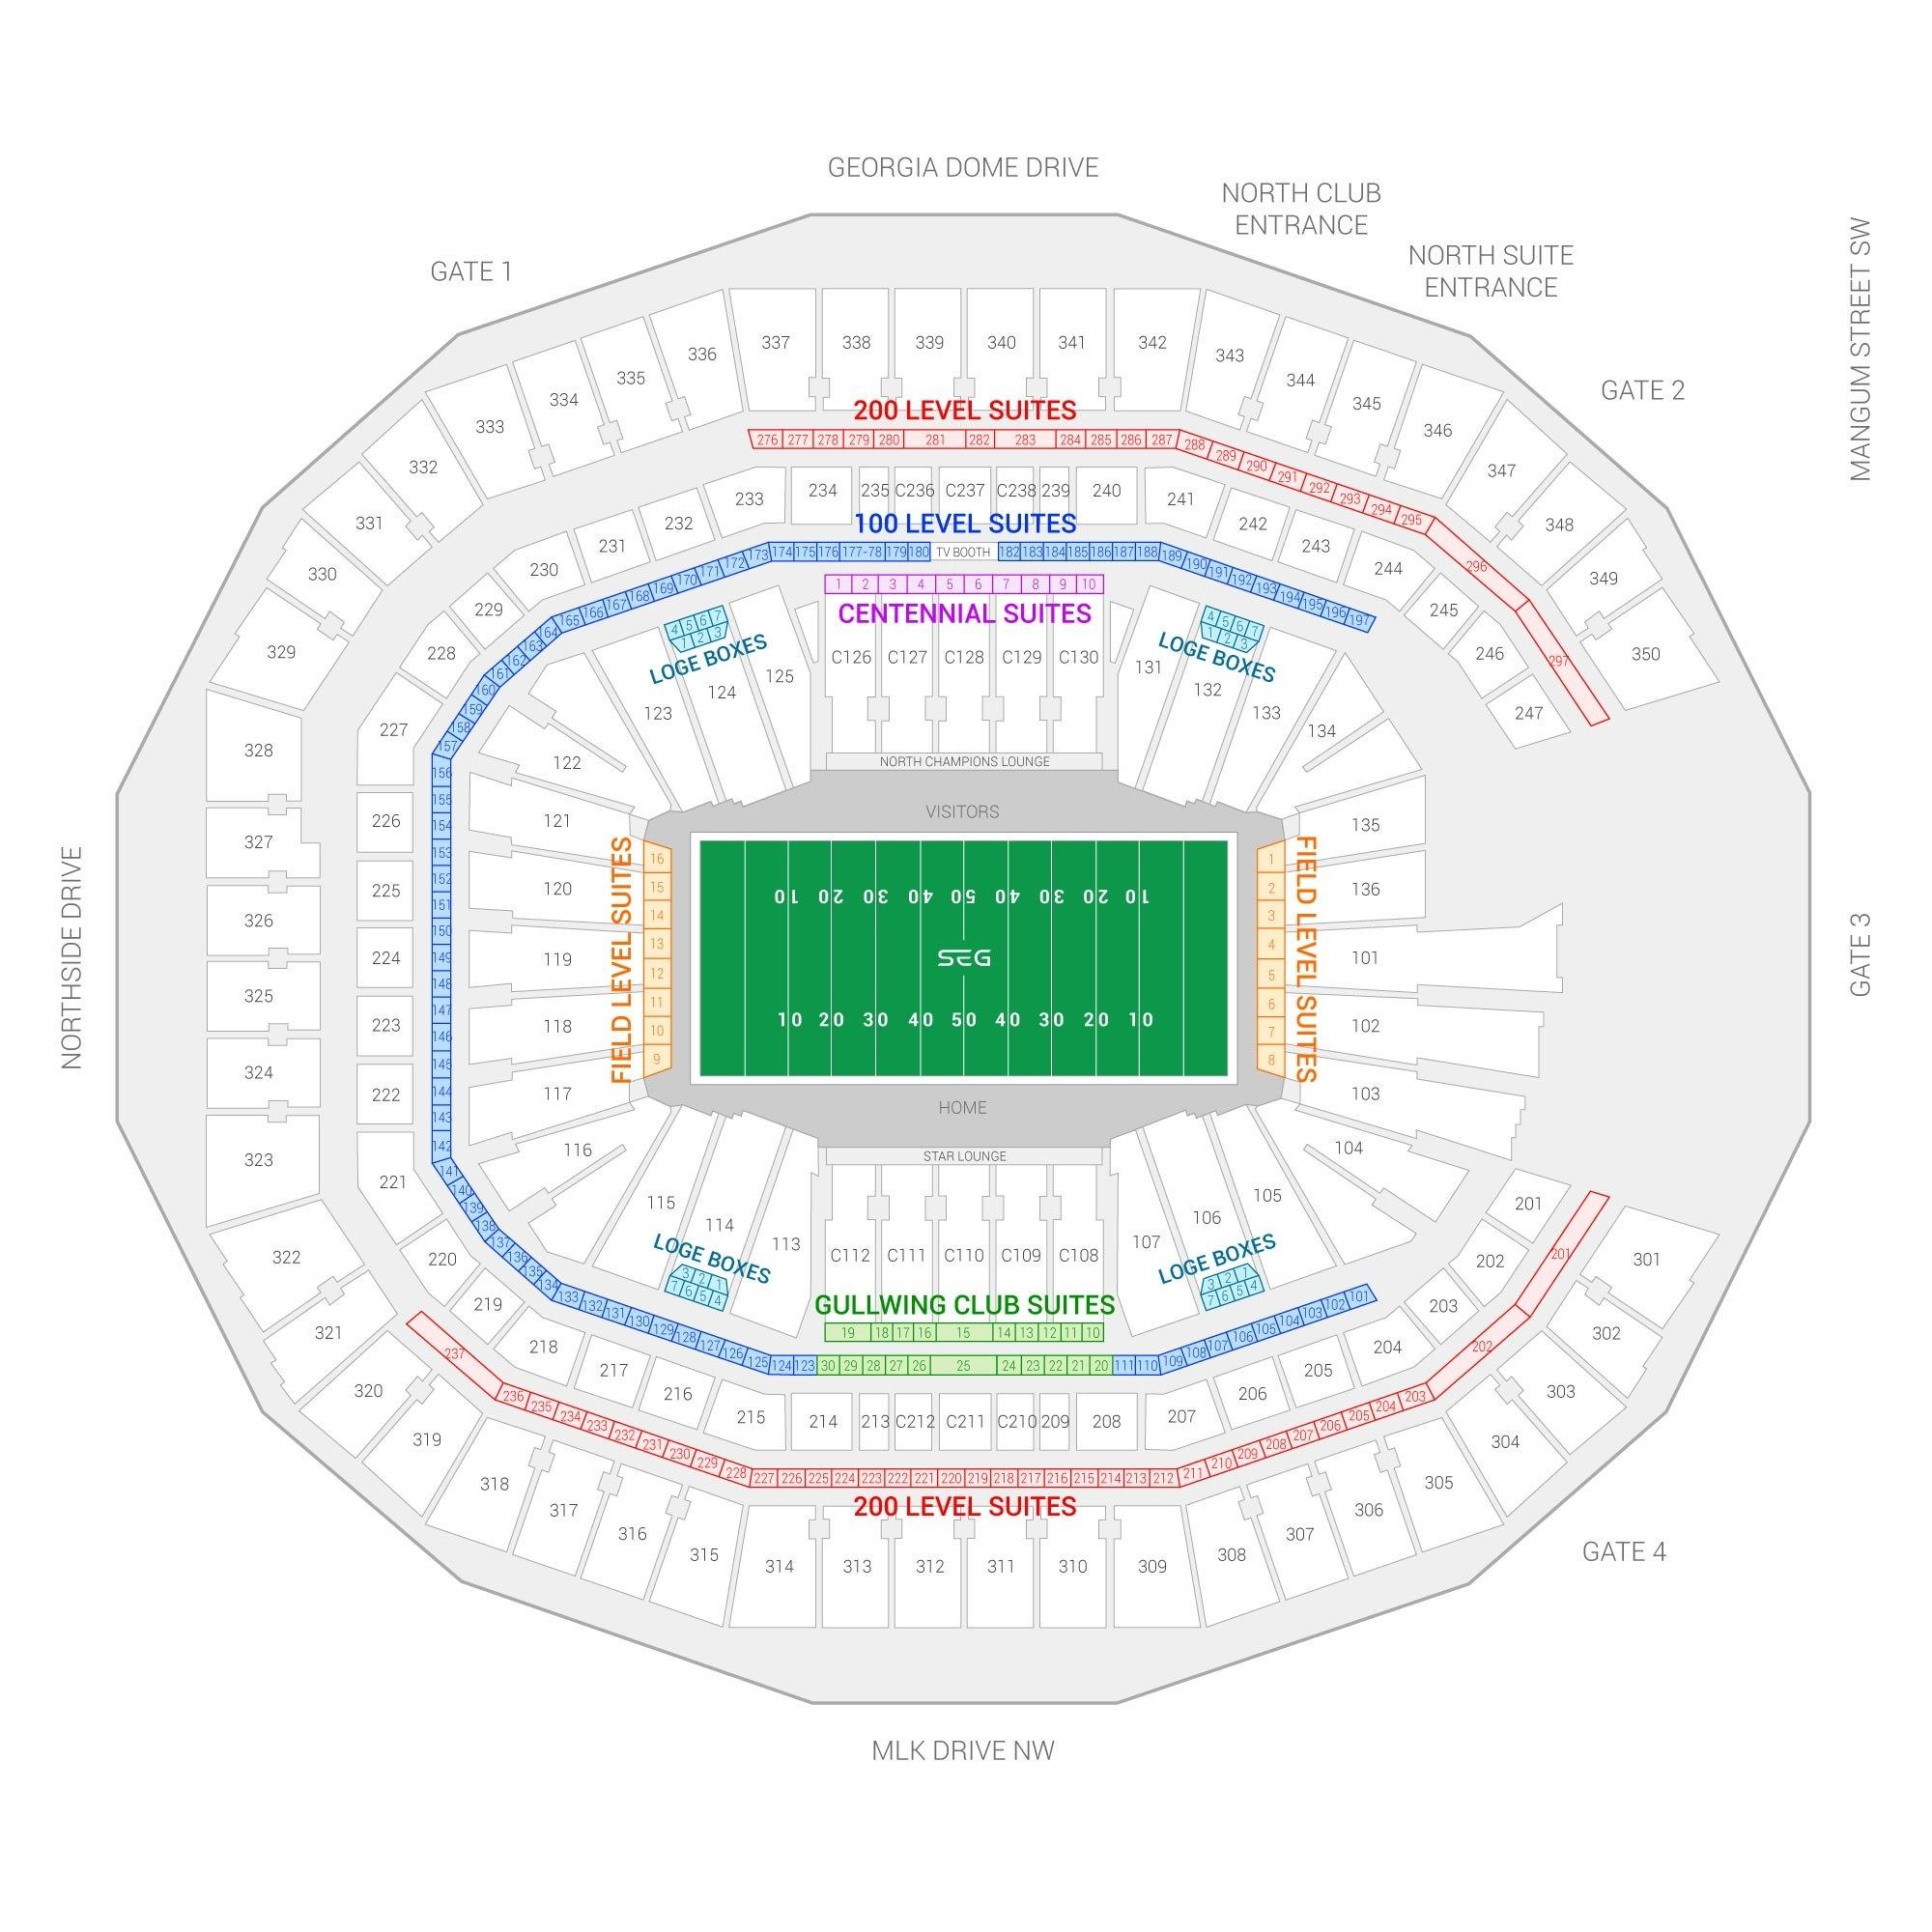 Super Bowl Liii Suite Rentals   Mercedes-Benz Stadium for Atlanta Super Bowl Stadium Map